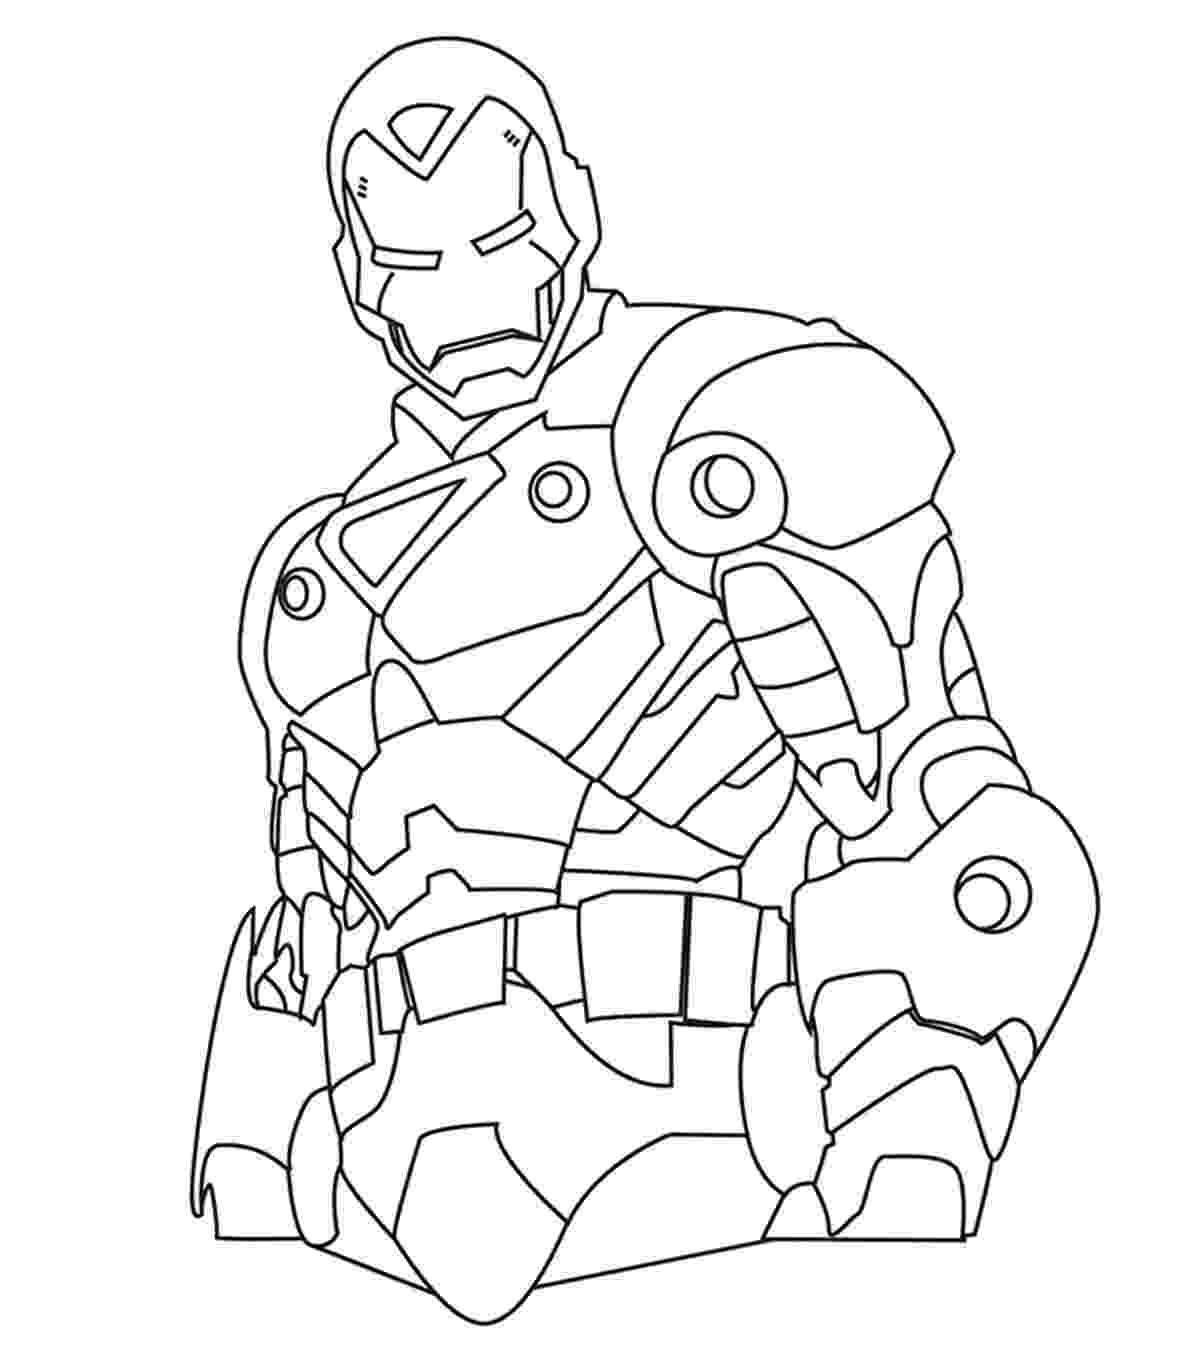 iron man colouring sheets iron man coloring page free printable coloring pages iron sheets colouring man